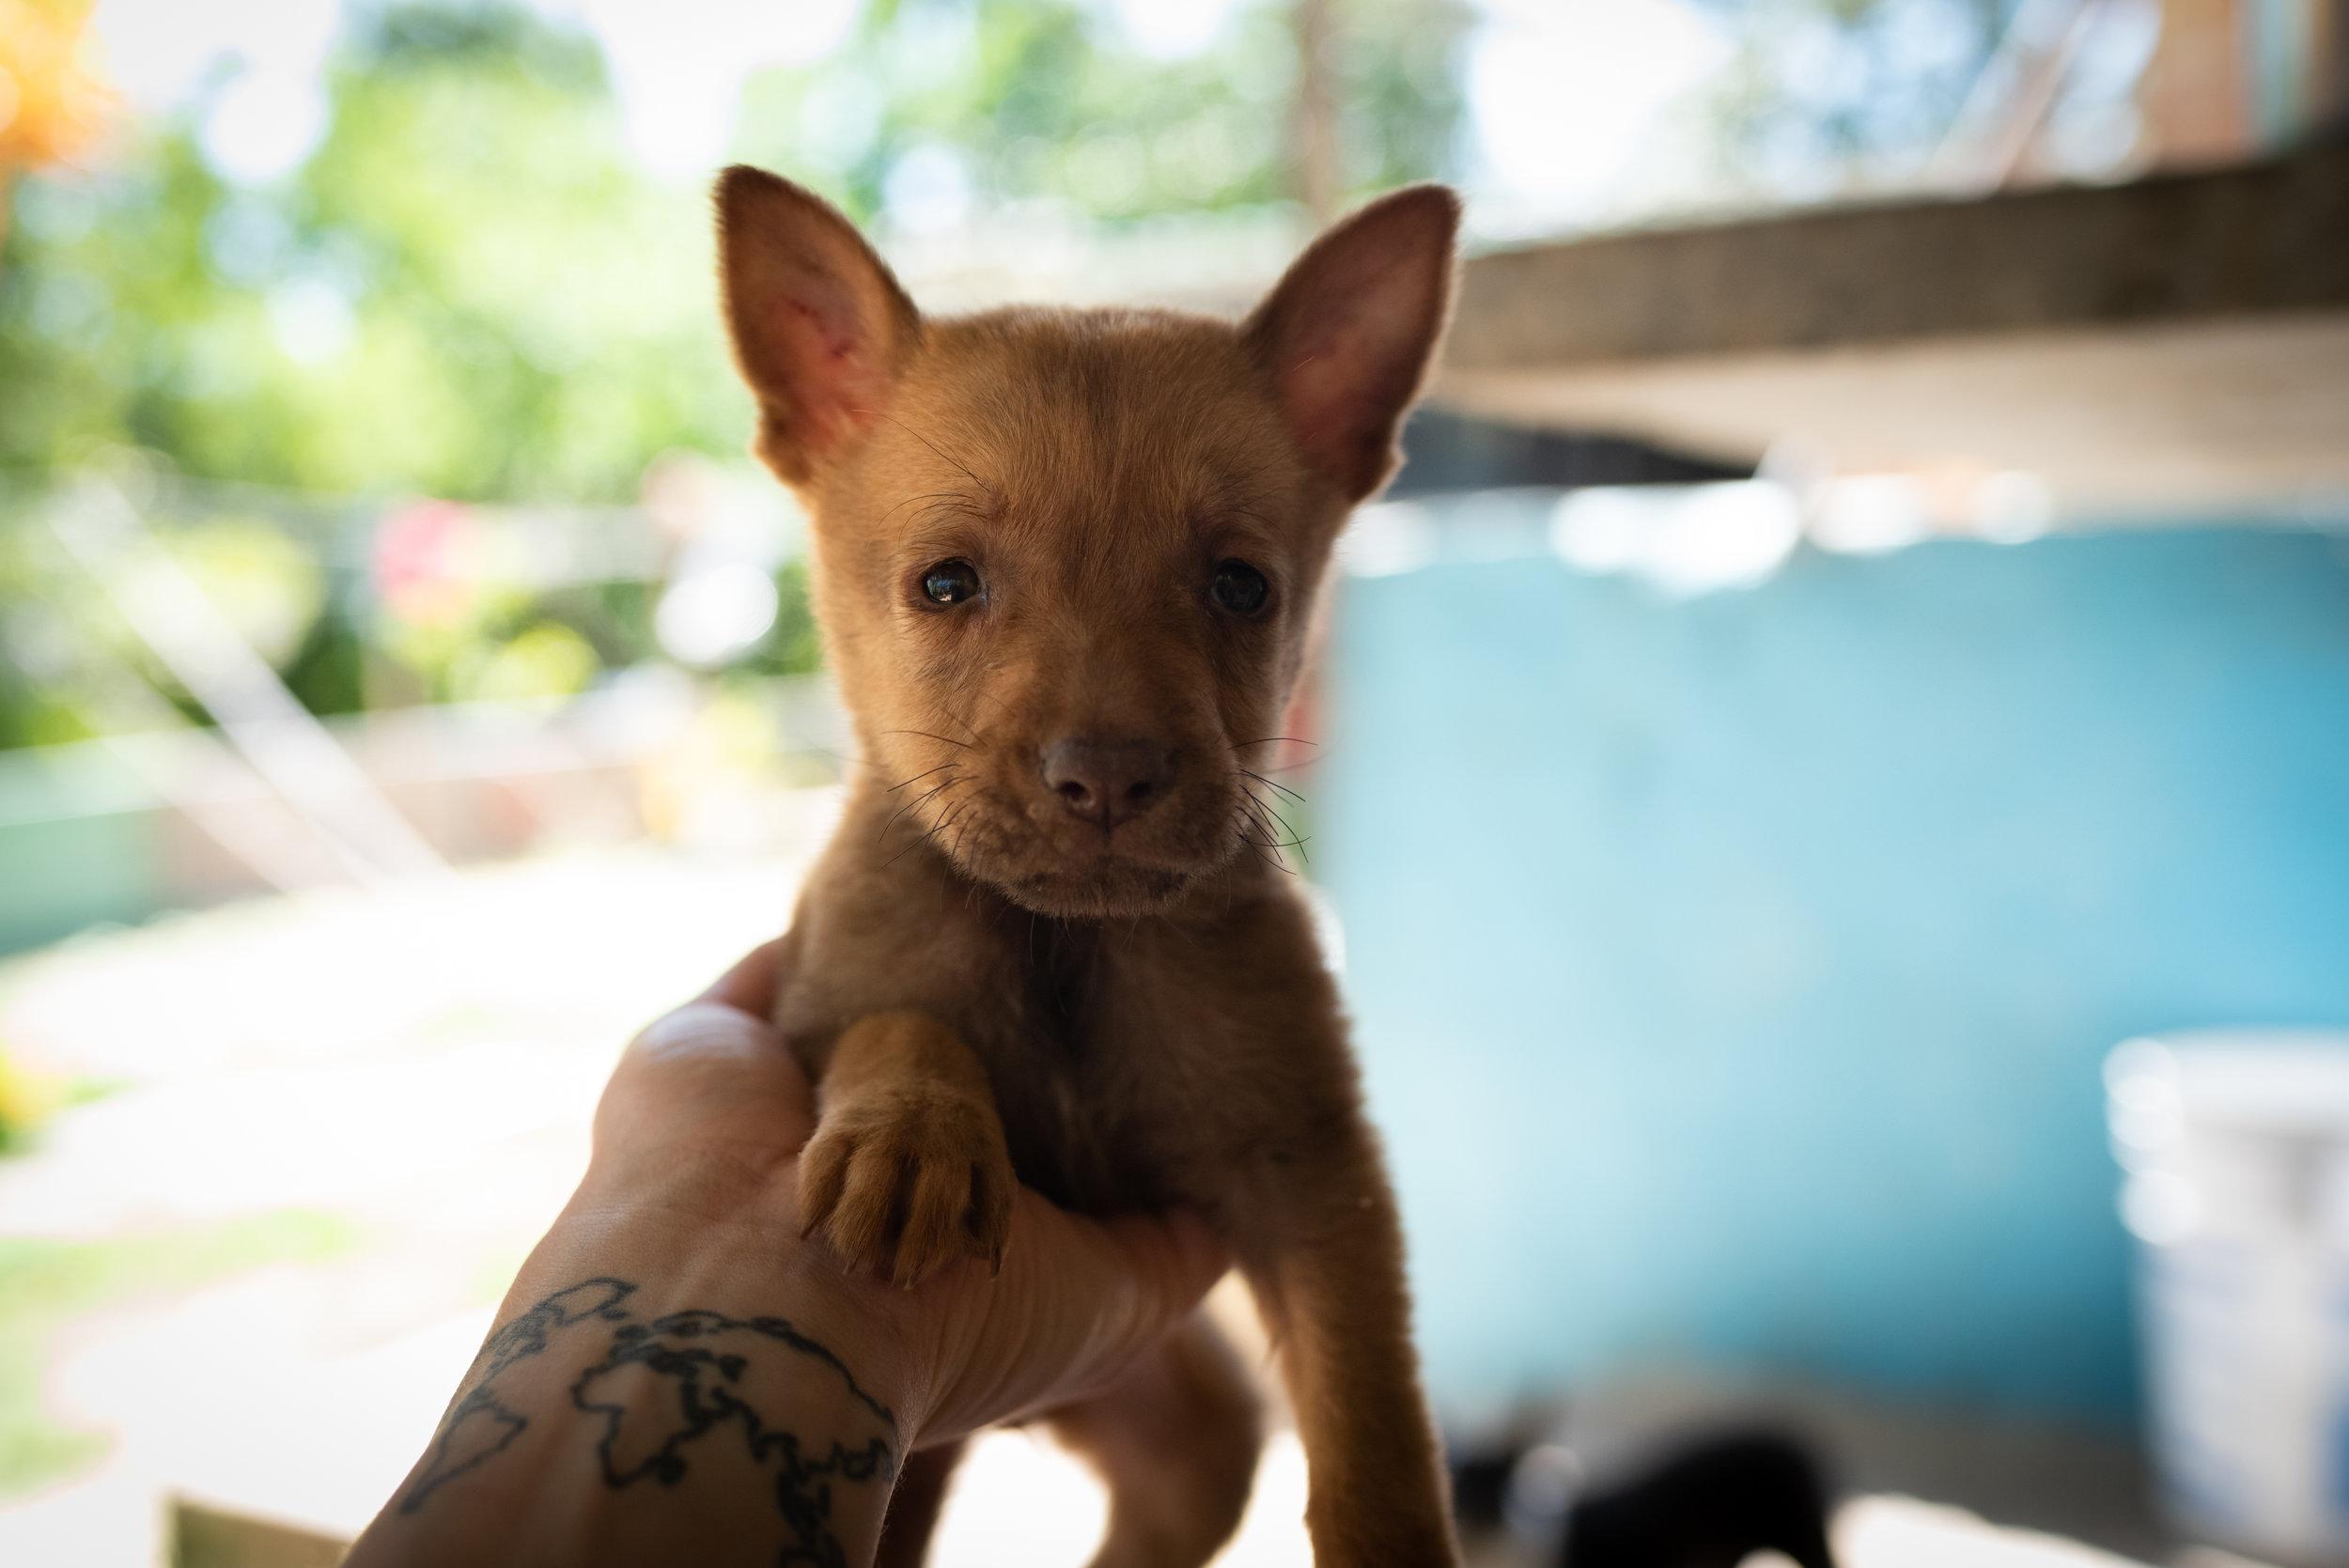 Cuba_dogs-120-9.jpg